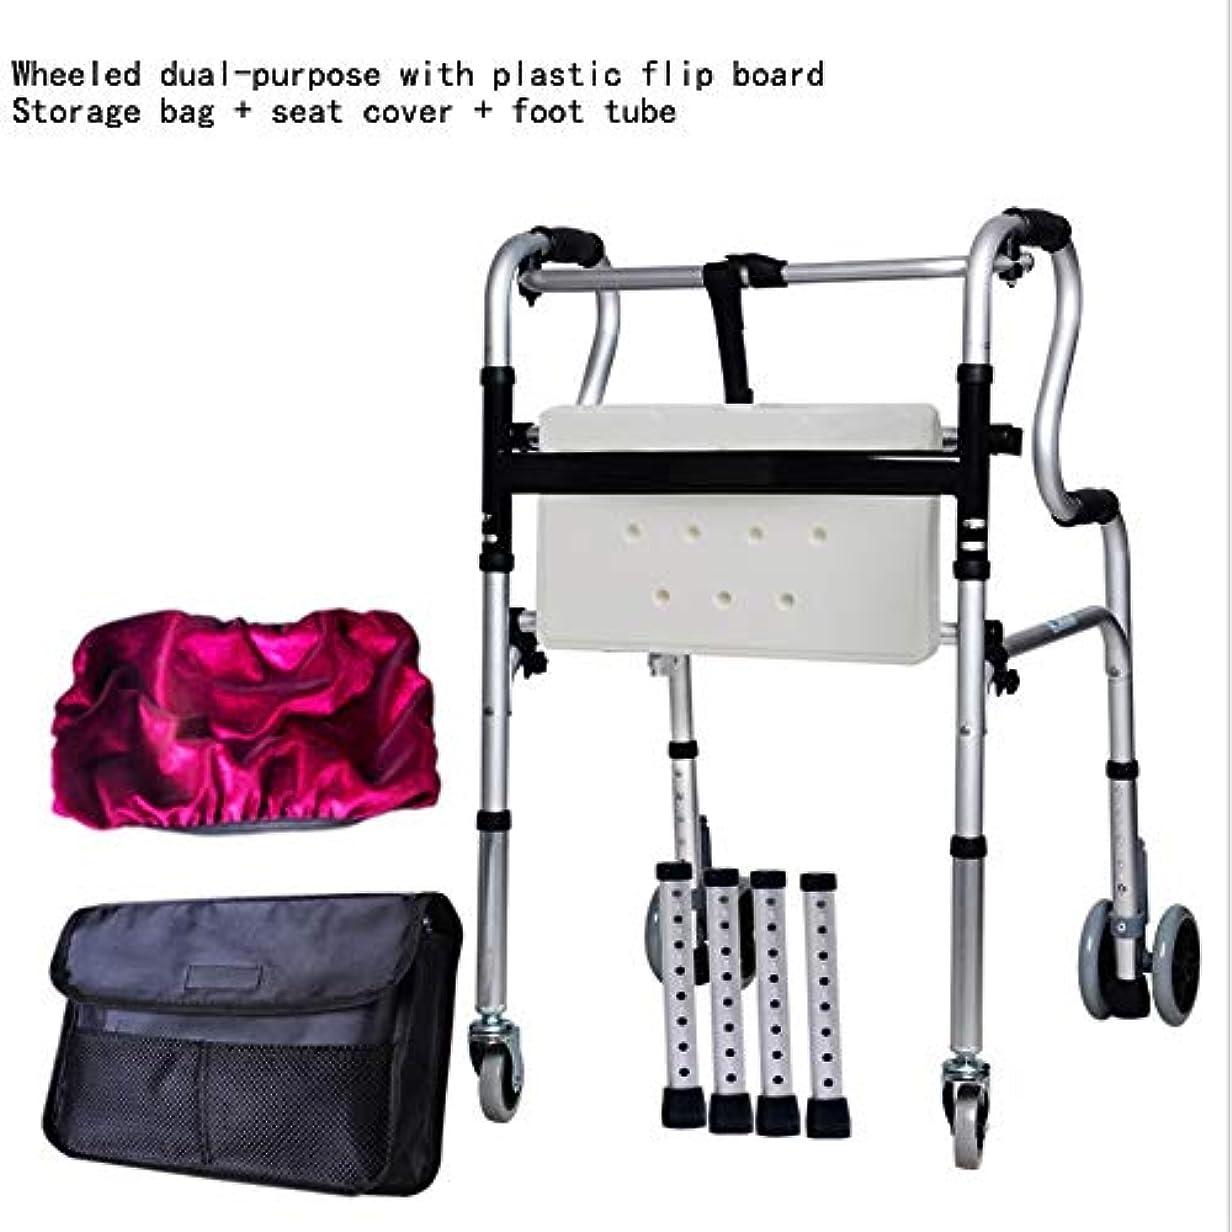 旅行者韓国語ダイエット滑車付き歩行補助器具、高齢者用および負傷者用シート付き折りたたみ式四輪歩行フレーム (Color : 白)